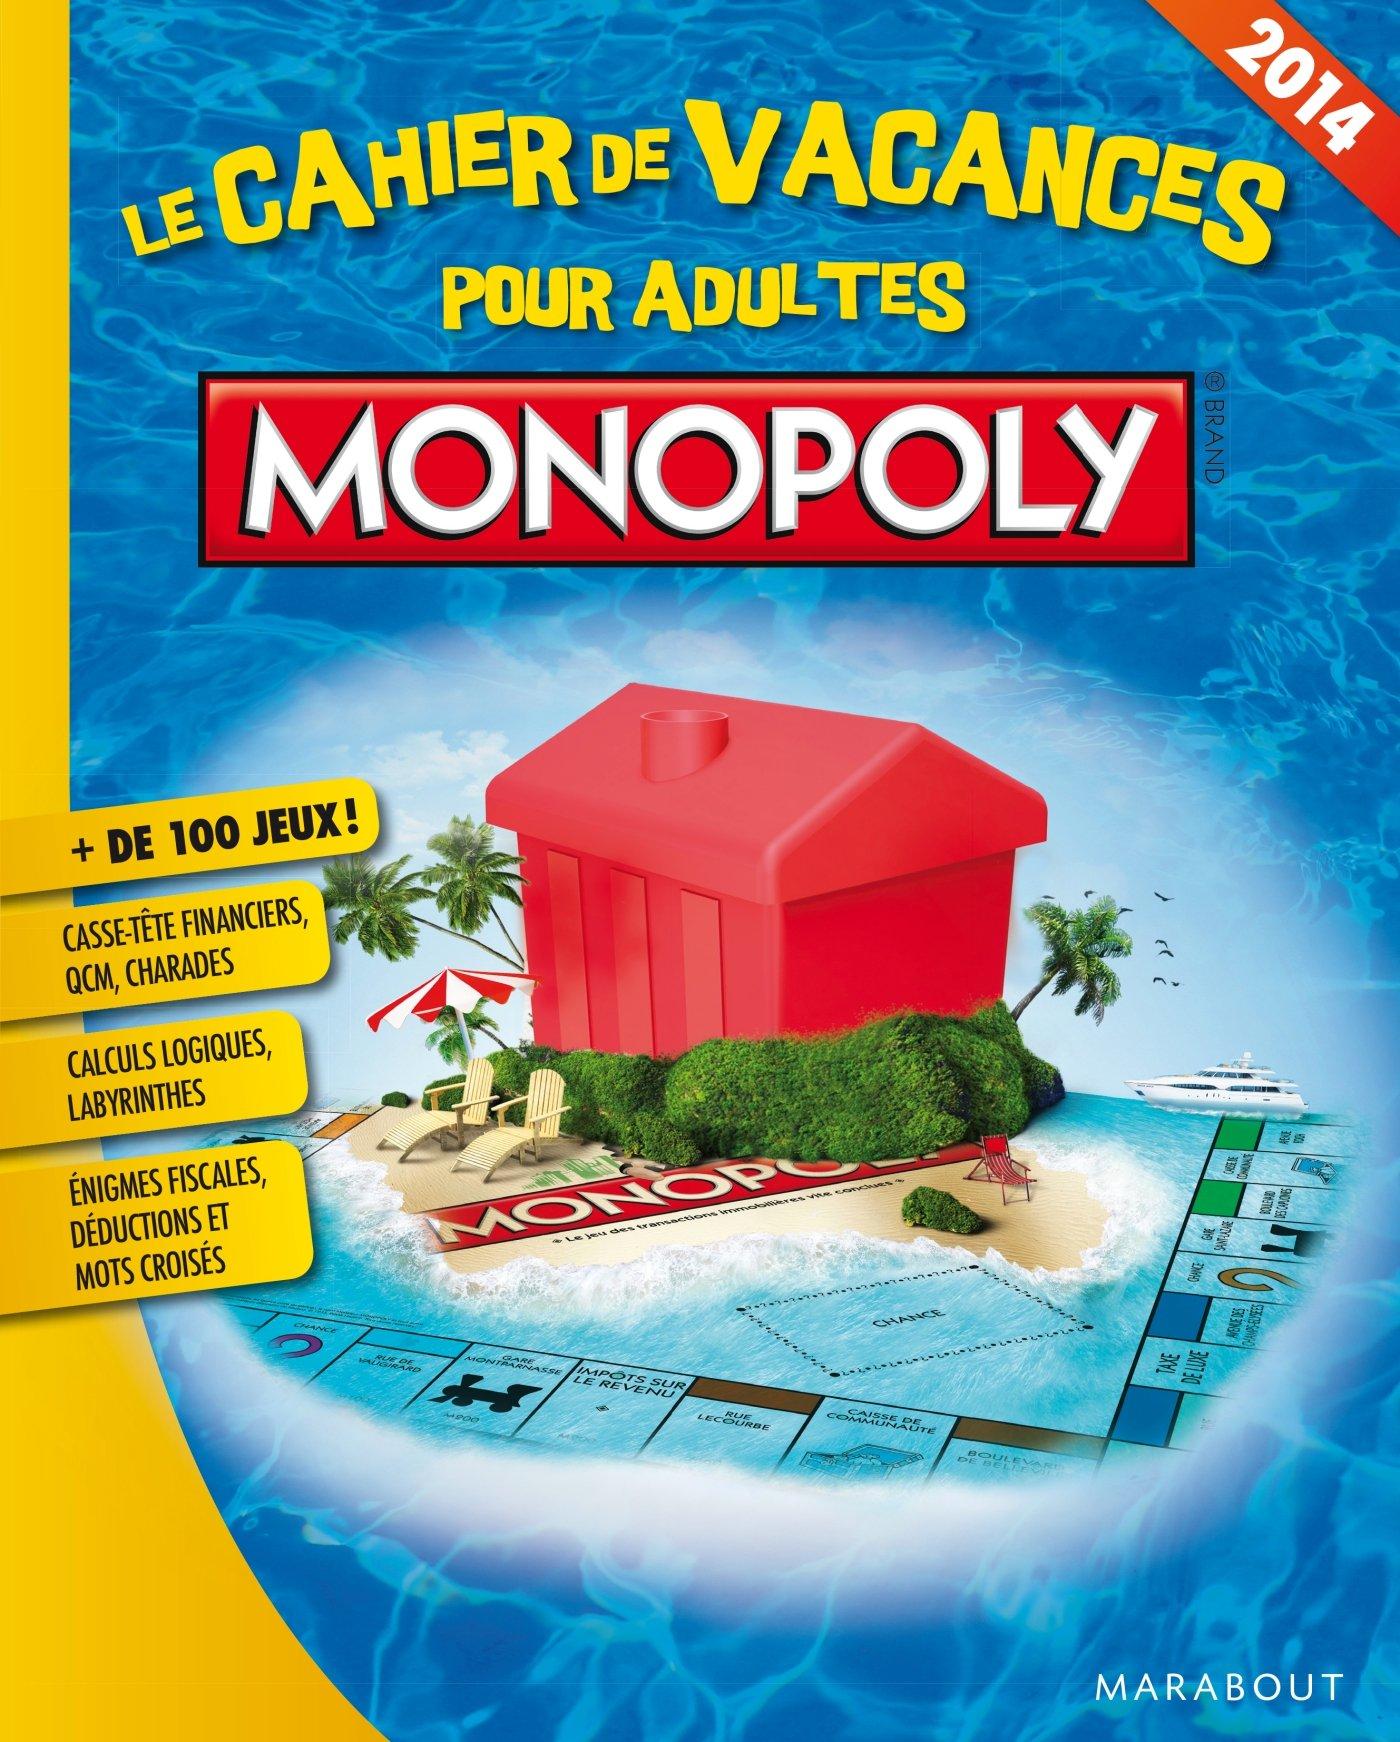 Monopoly®, Le Cahier de vacances pour adultes! Édition 2014 Jeux: Amazon.es: Collectif: Libros en idiomas extranjeros